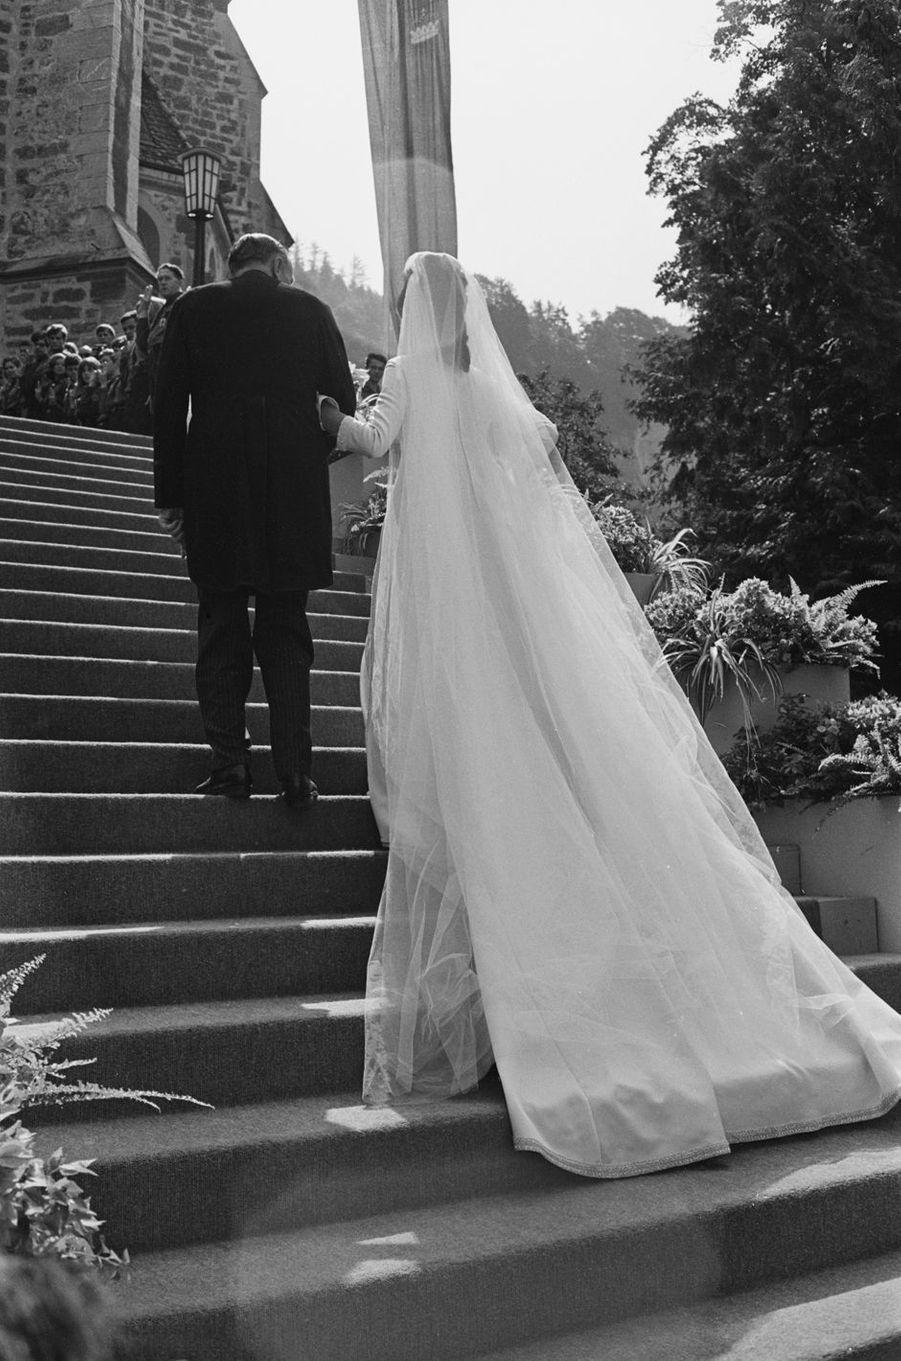 Le mariage du prince Hans-Adam deLiechtenstein et de la comtesse Marie Kinsky von Wchinitz und Tettau, le 30 juillet 1967